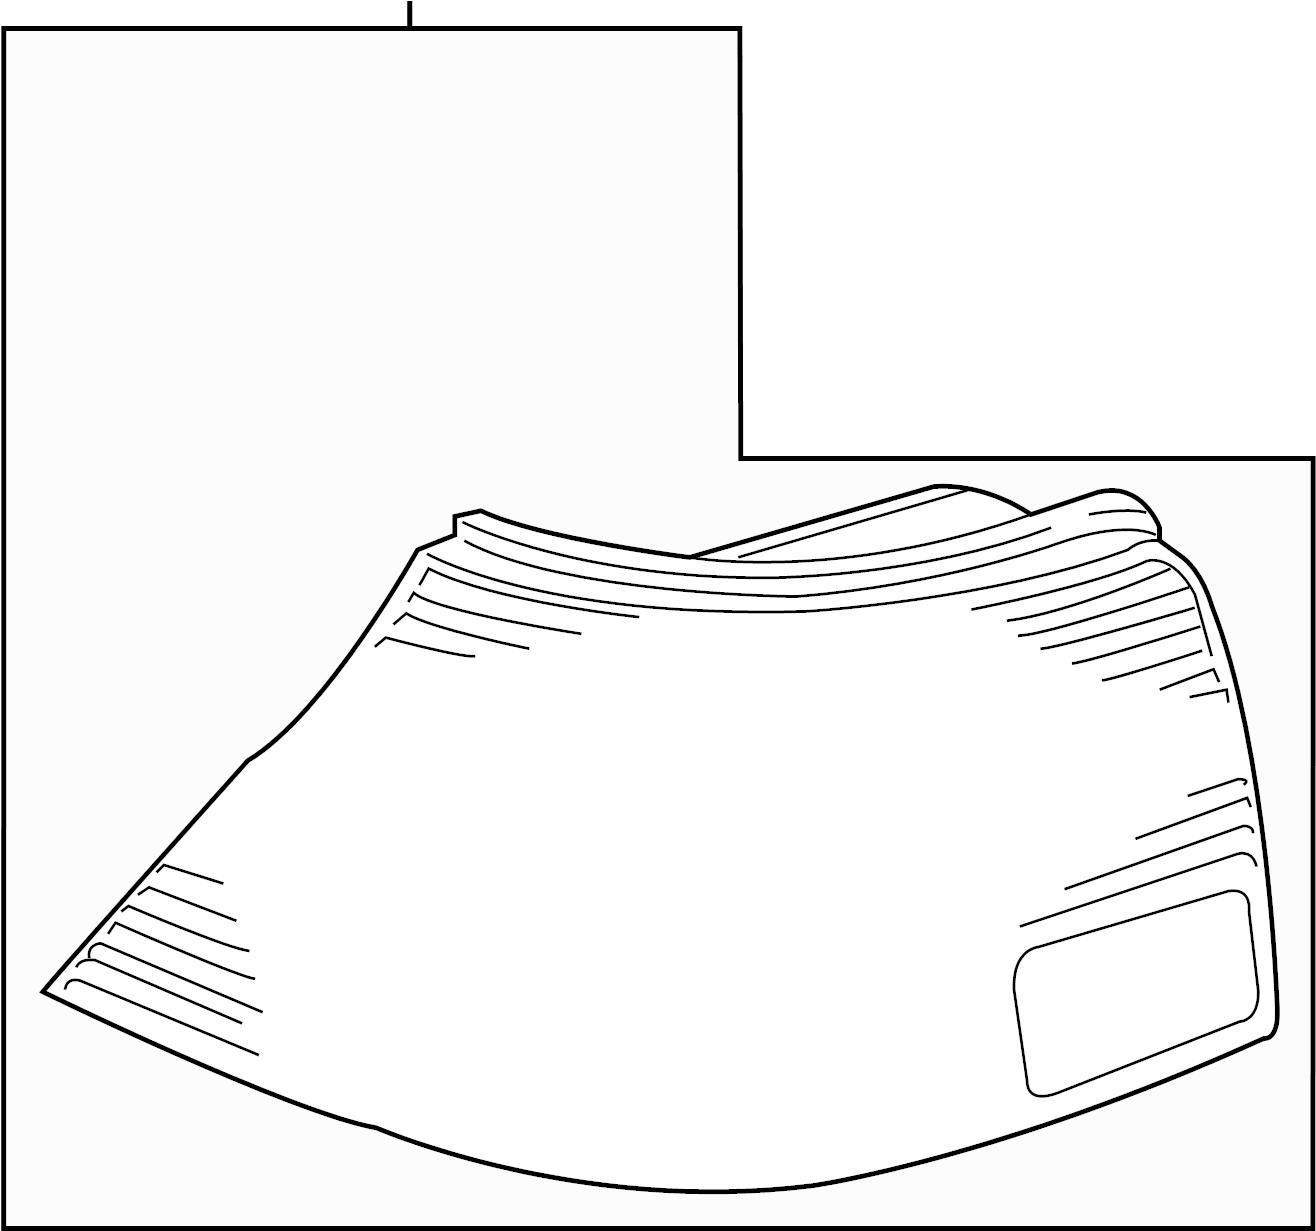 Jetta Parts Diagram